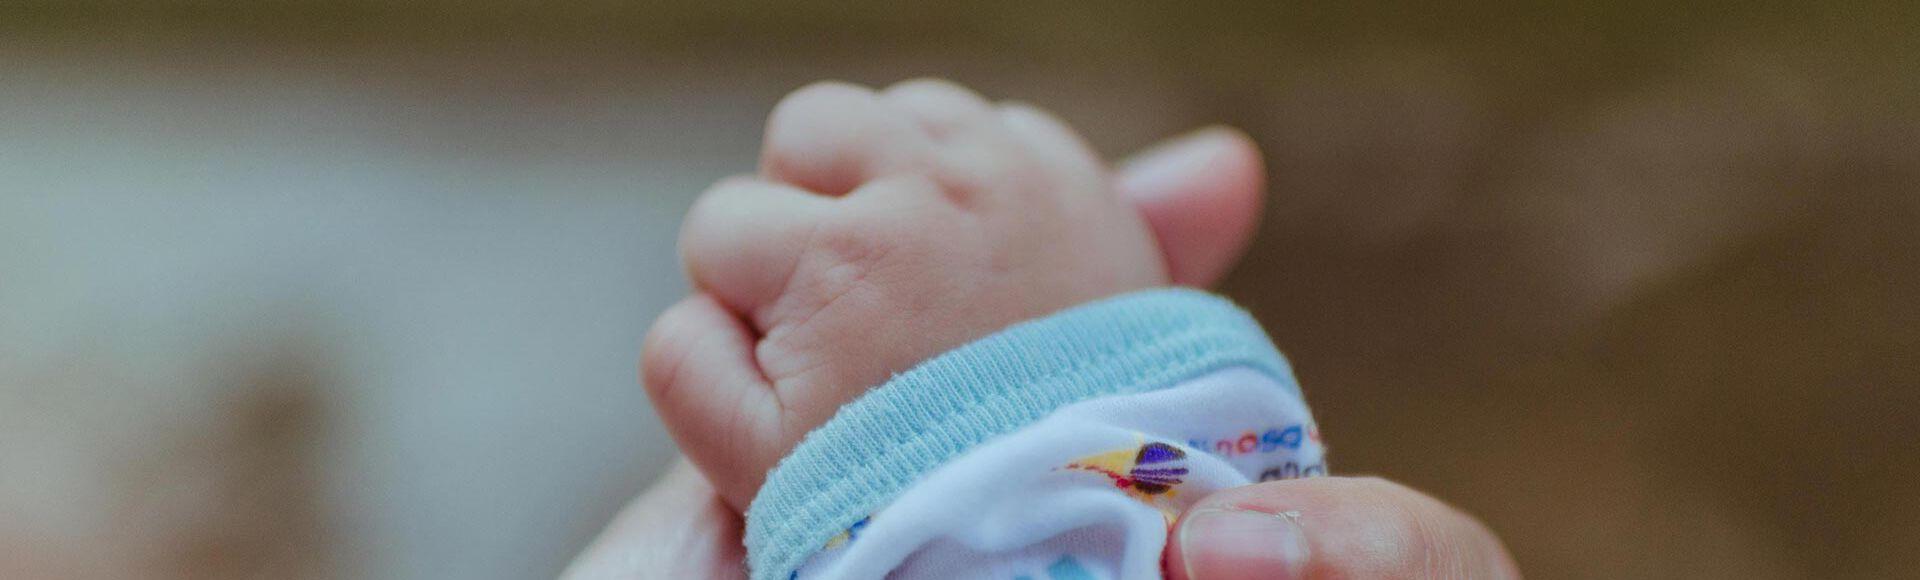 Fortalecer las defensas de los bebés